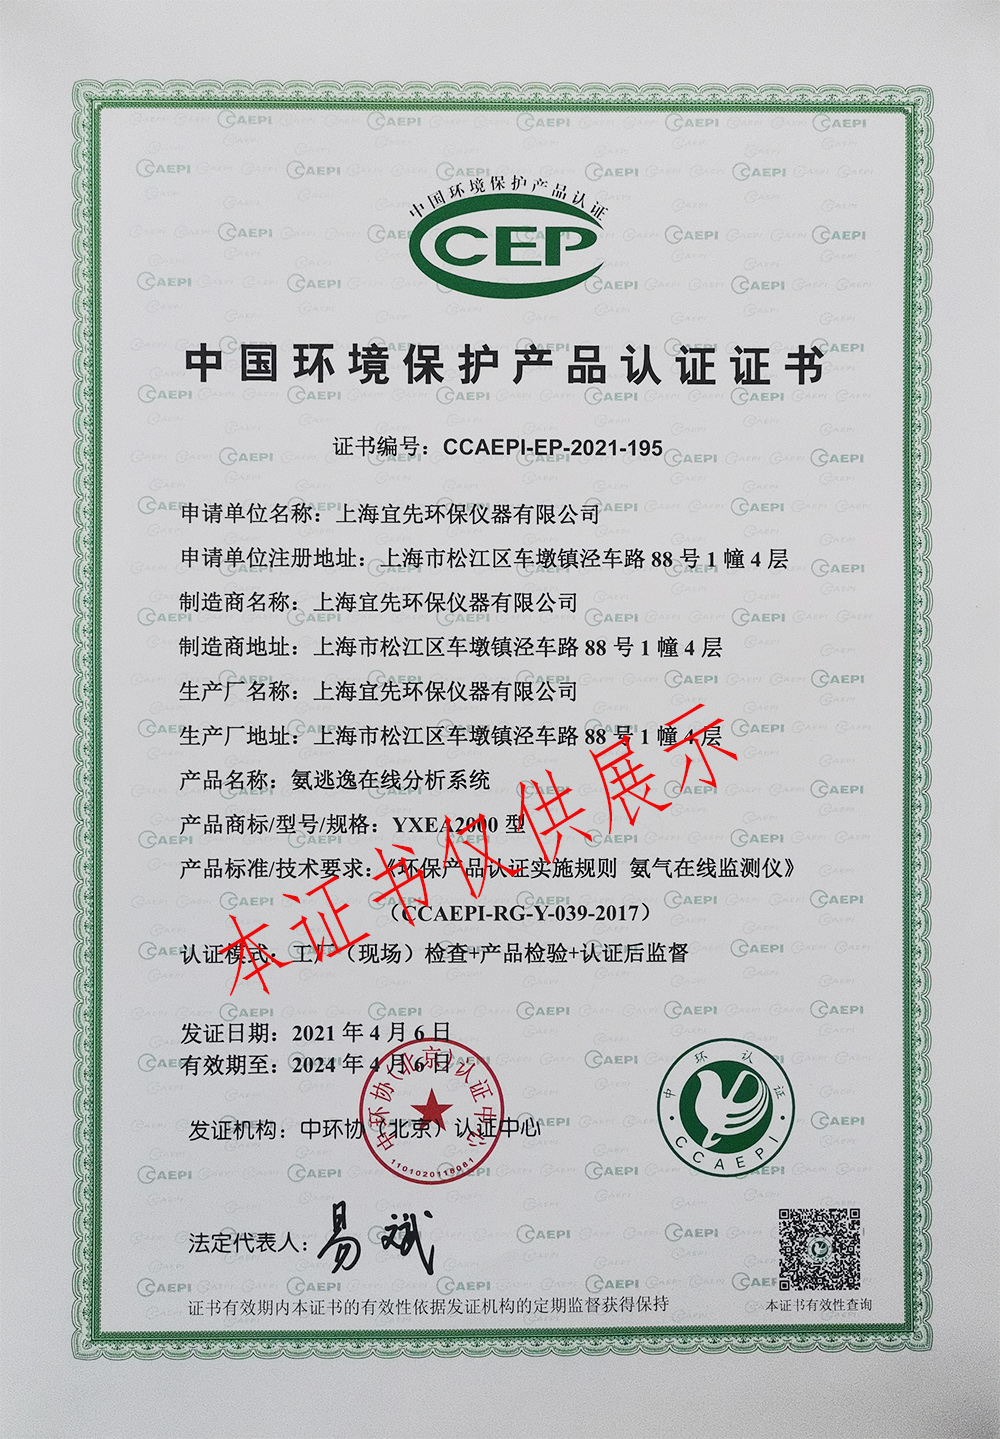 祝贺我司获得CCEP环保认证证书